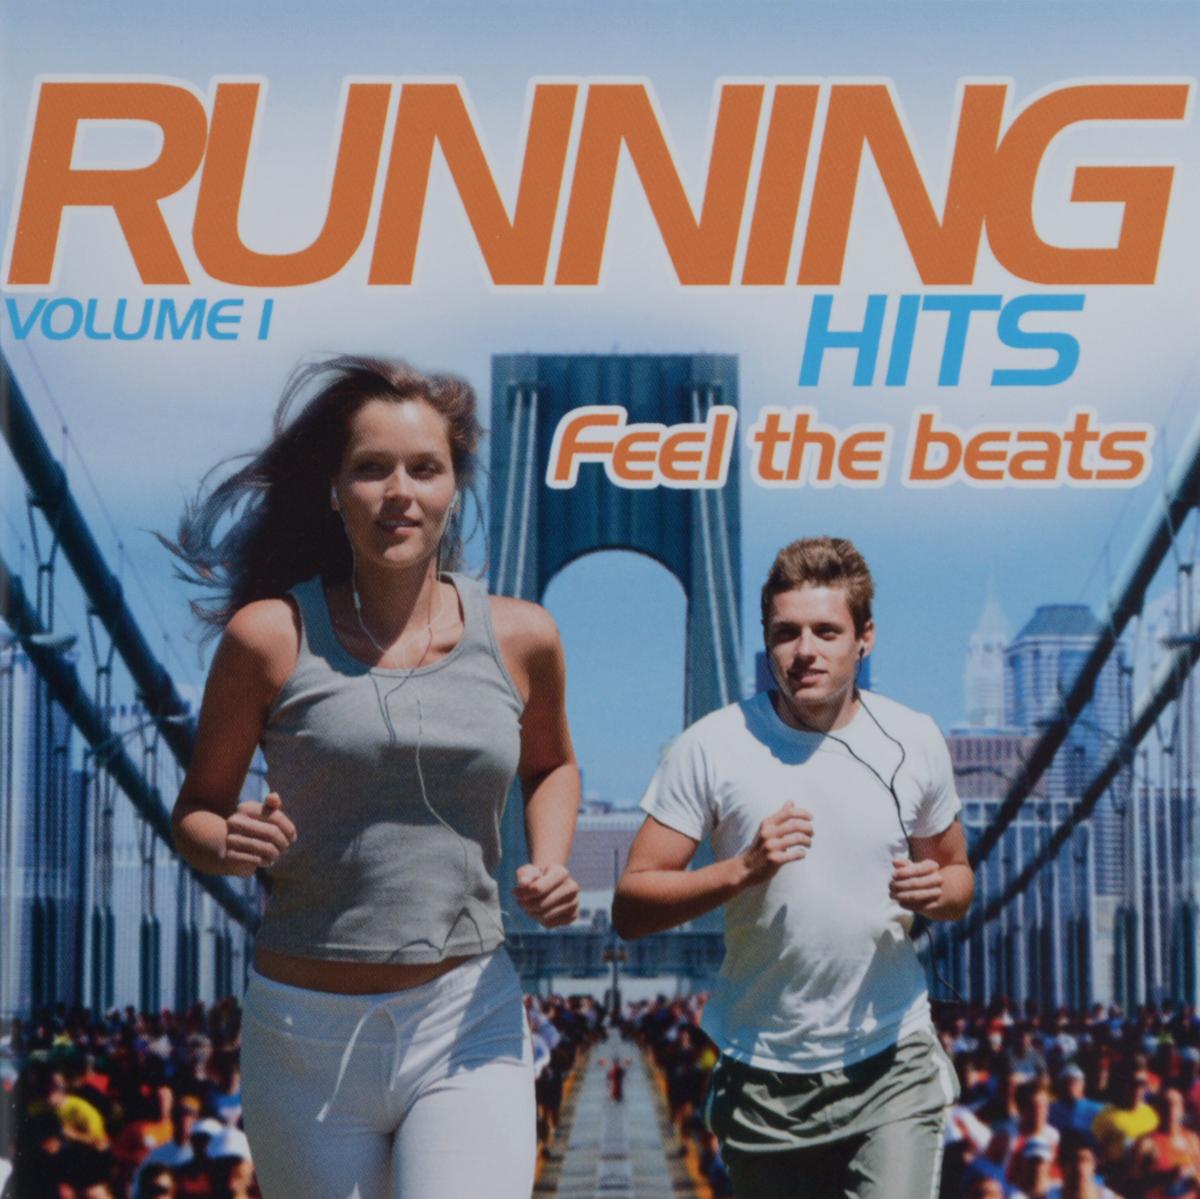 К изданию прилагается 8-страничный буклет со списком треков и дополнительной информацией на немецком языке.